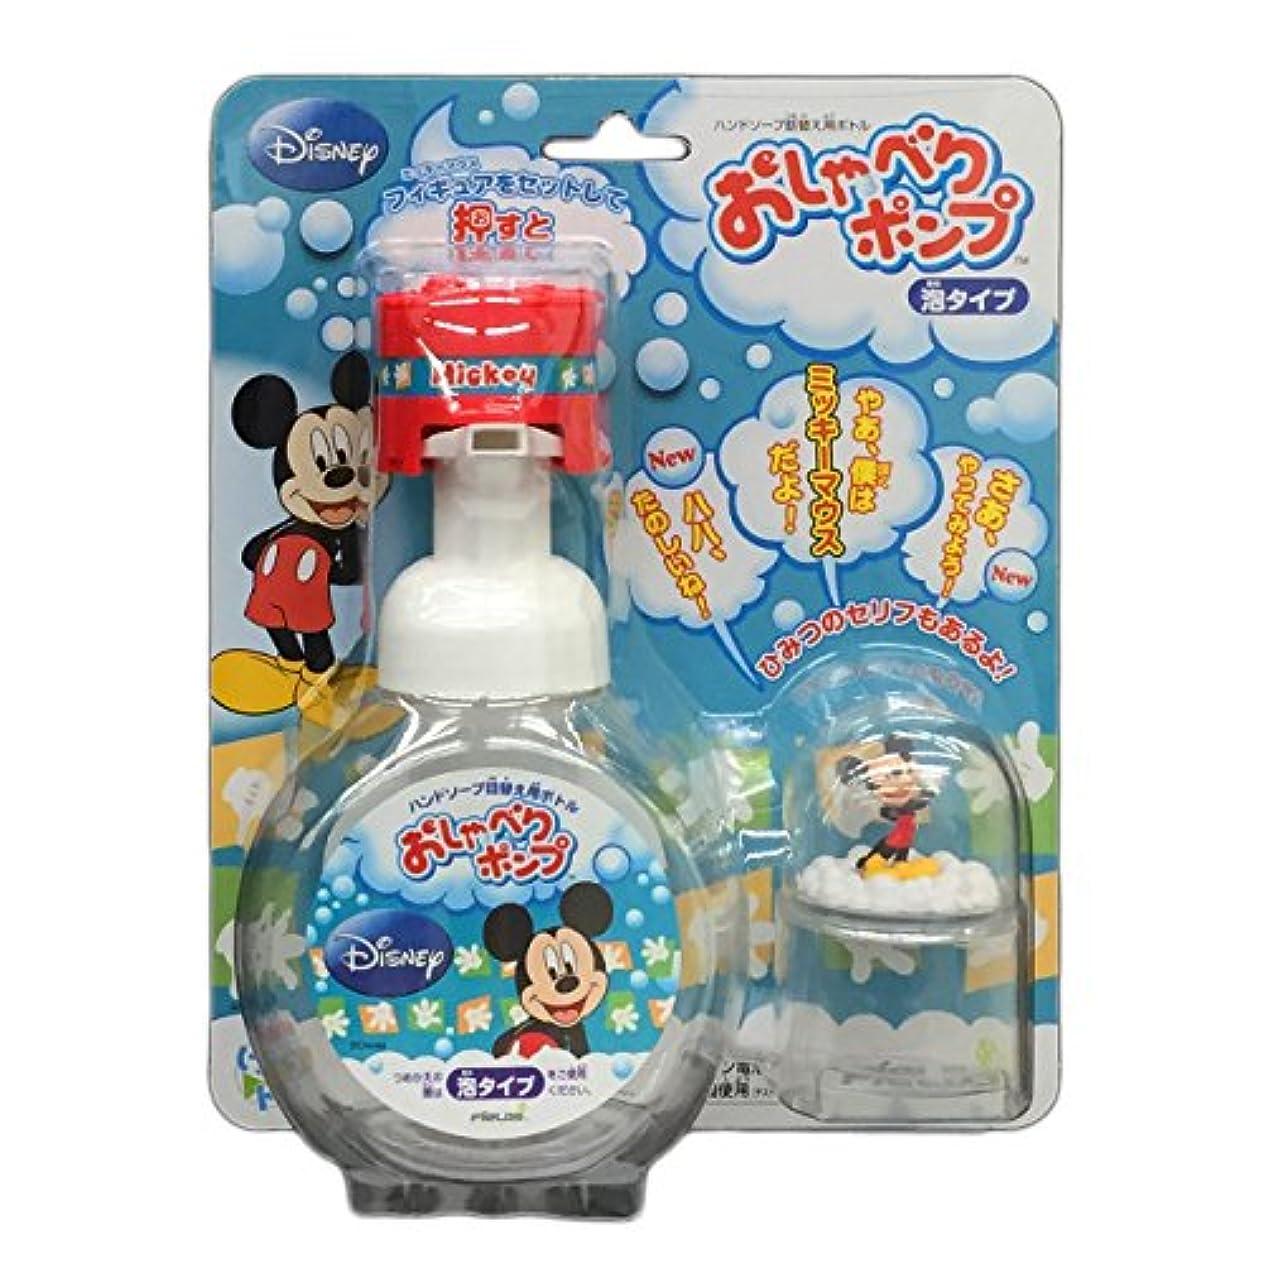 禁止するおもてなし役立つおしゃべりポンプ ミッキーマウス2